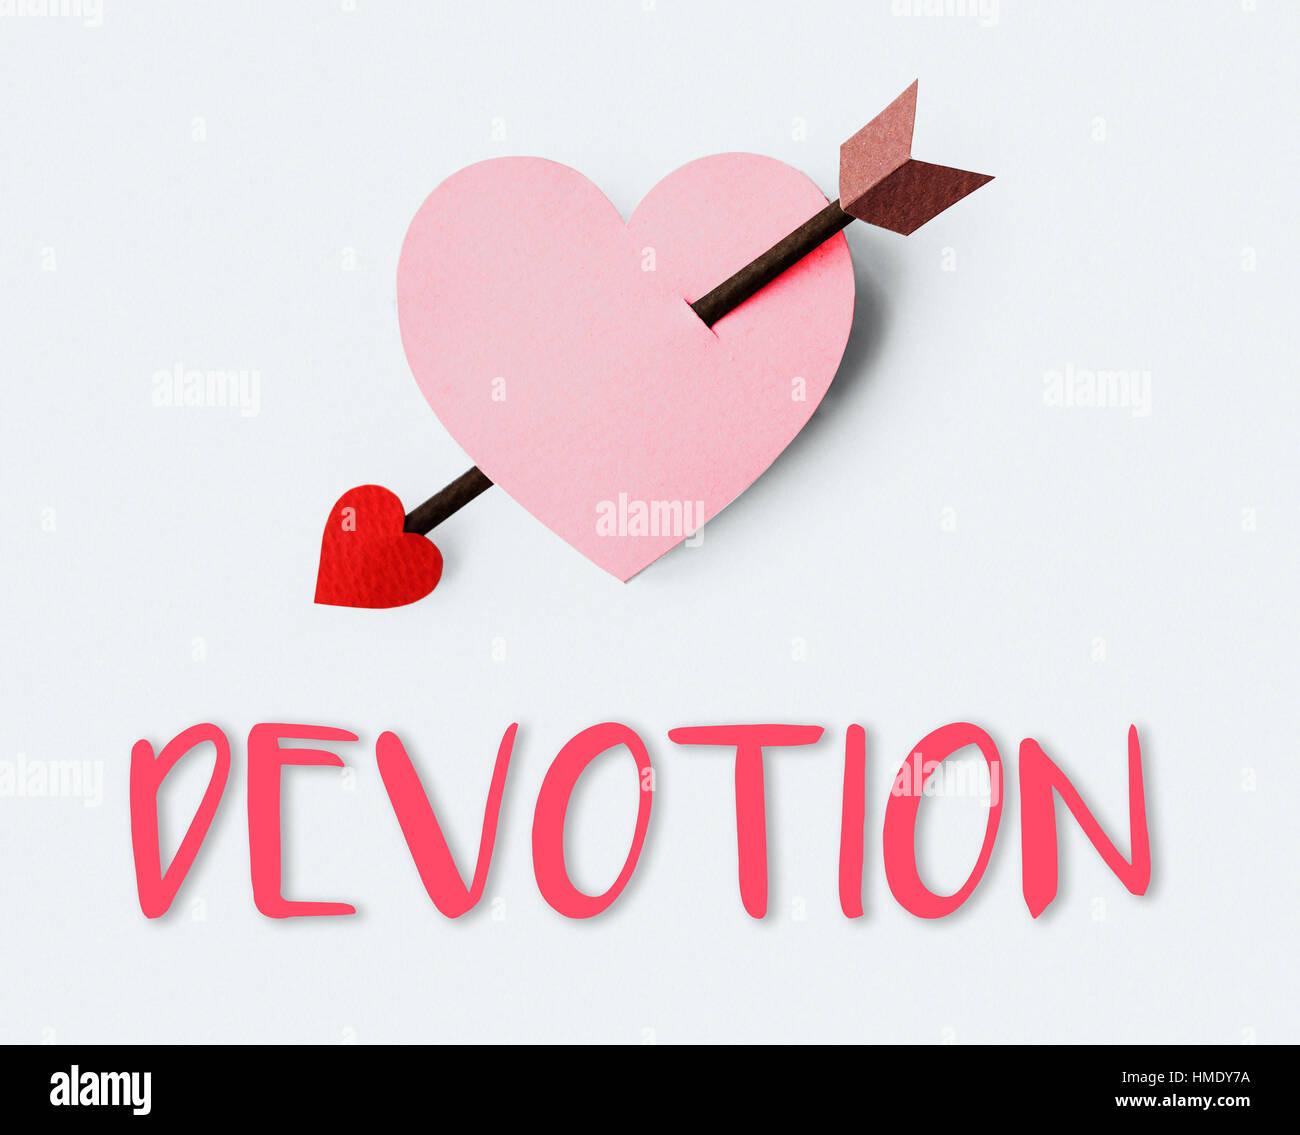 Aspiration amour Affection chérir la tendresse Concept Photo Stock